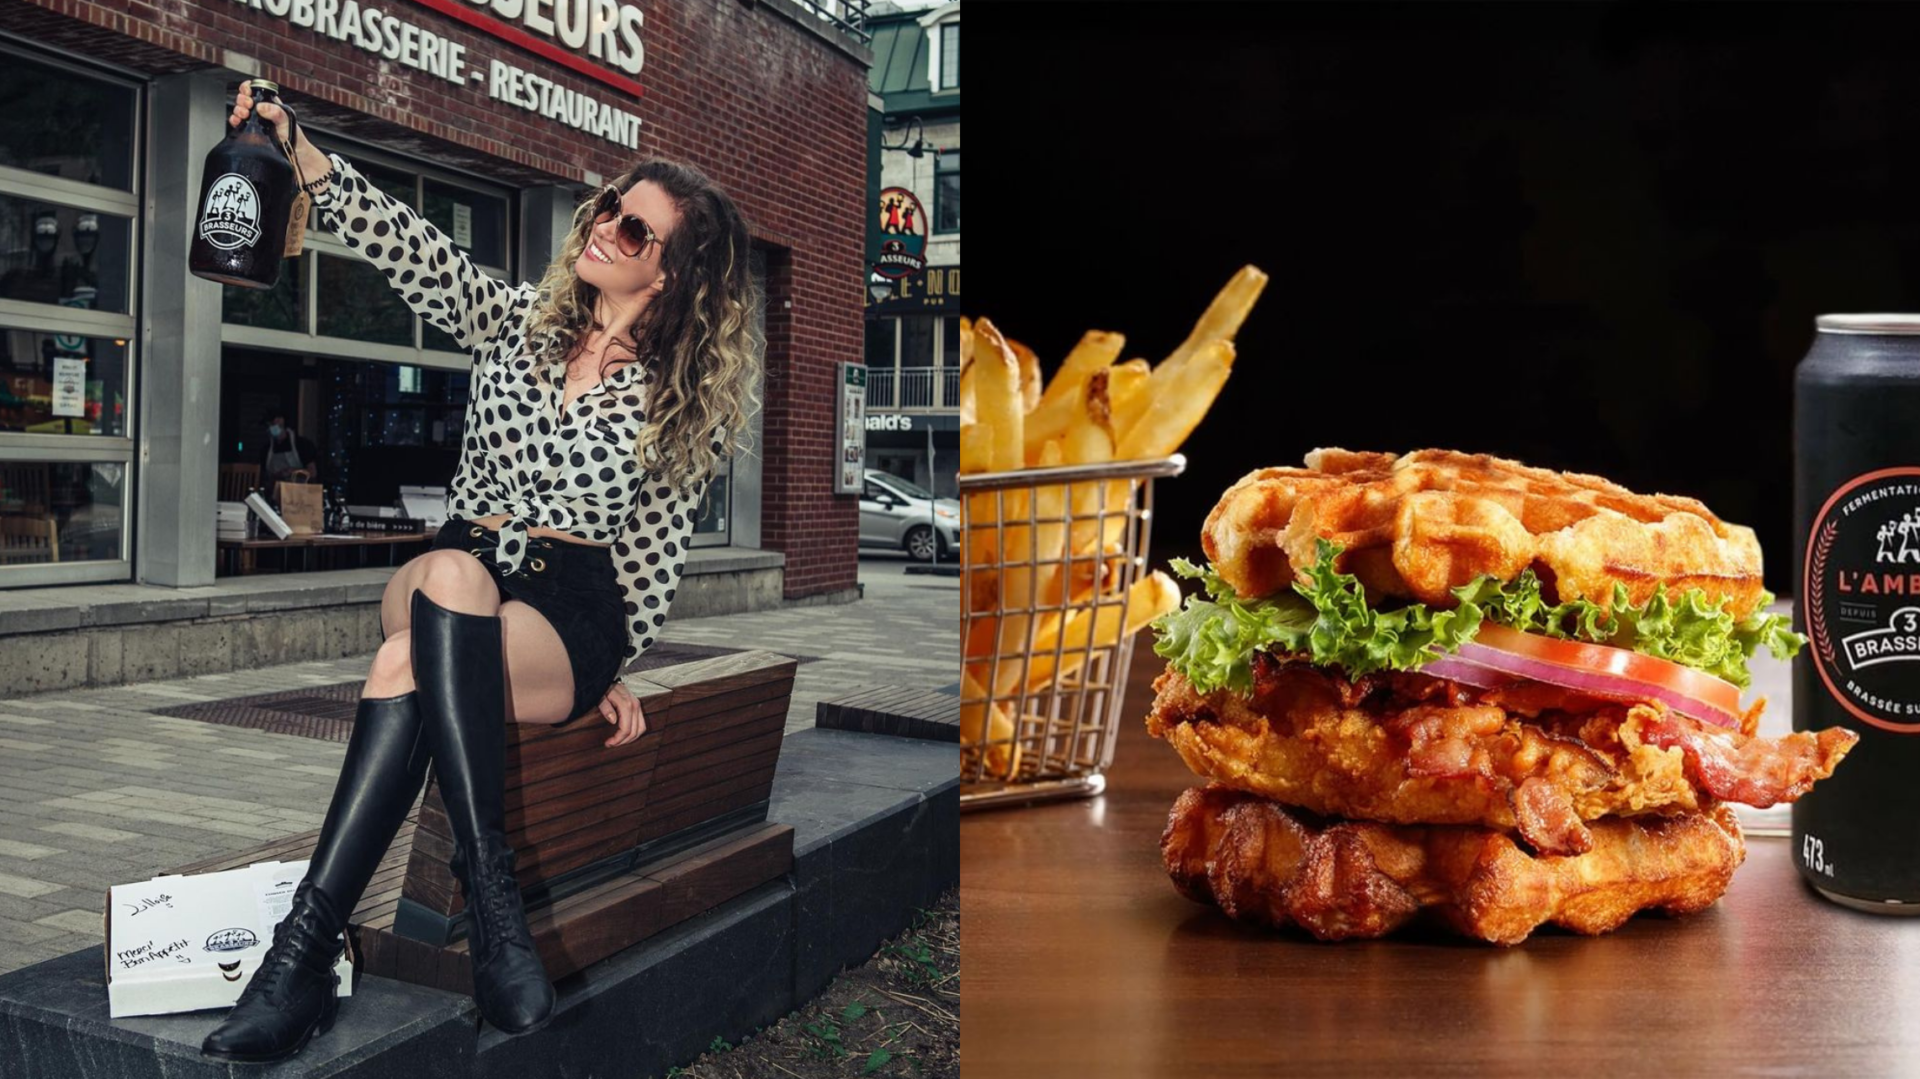 Les 3 Brasseurs lancent une promo qui vaut vraiment la peine sur leurs burgers et leurs bières!